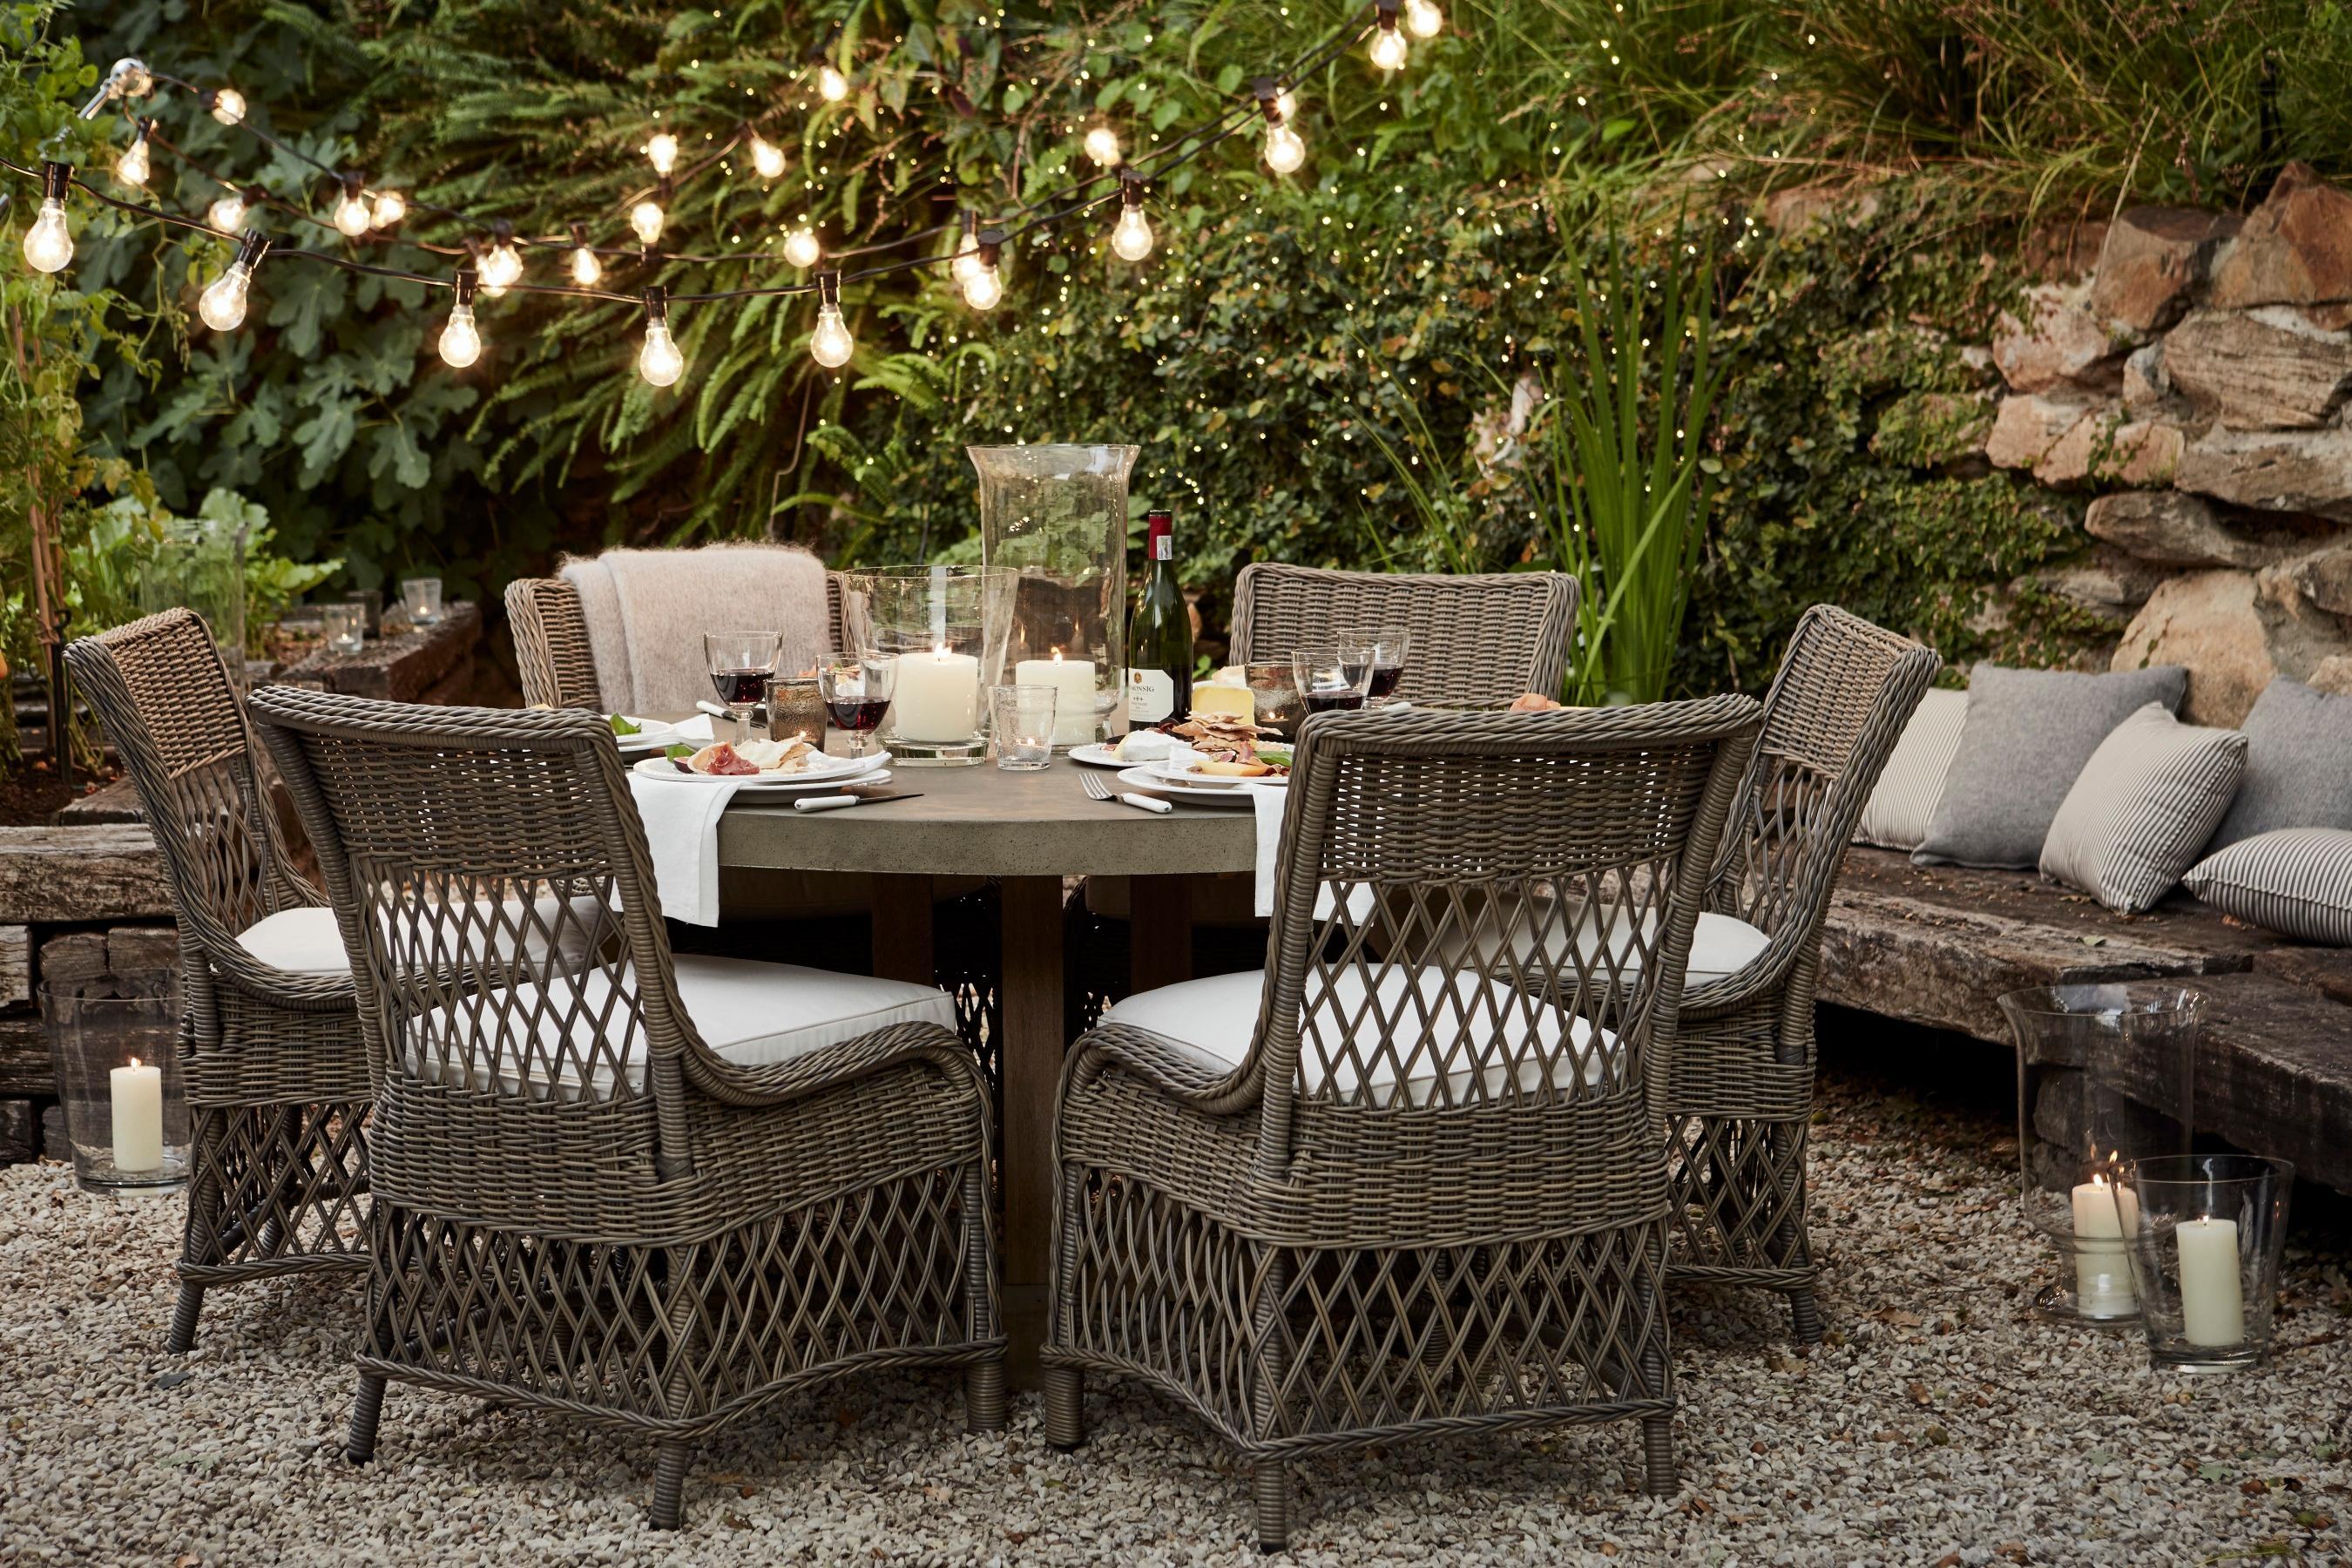 Gartenmöbel Im Landhausstil hudson tisch und harrington stühle terrasse kissen